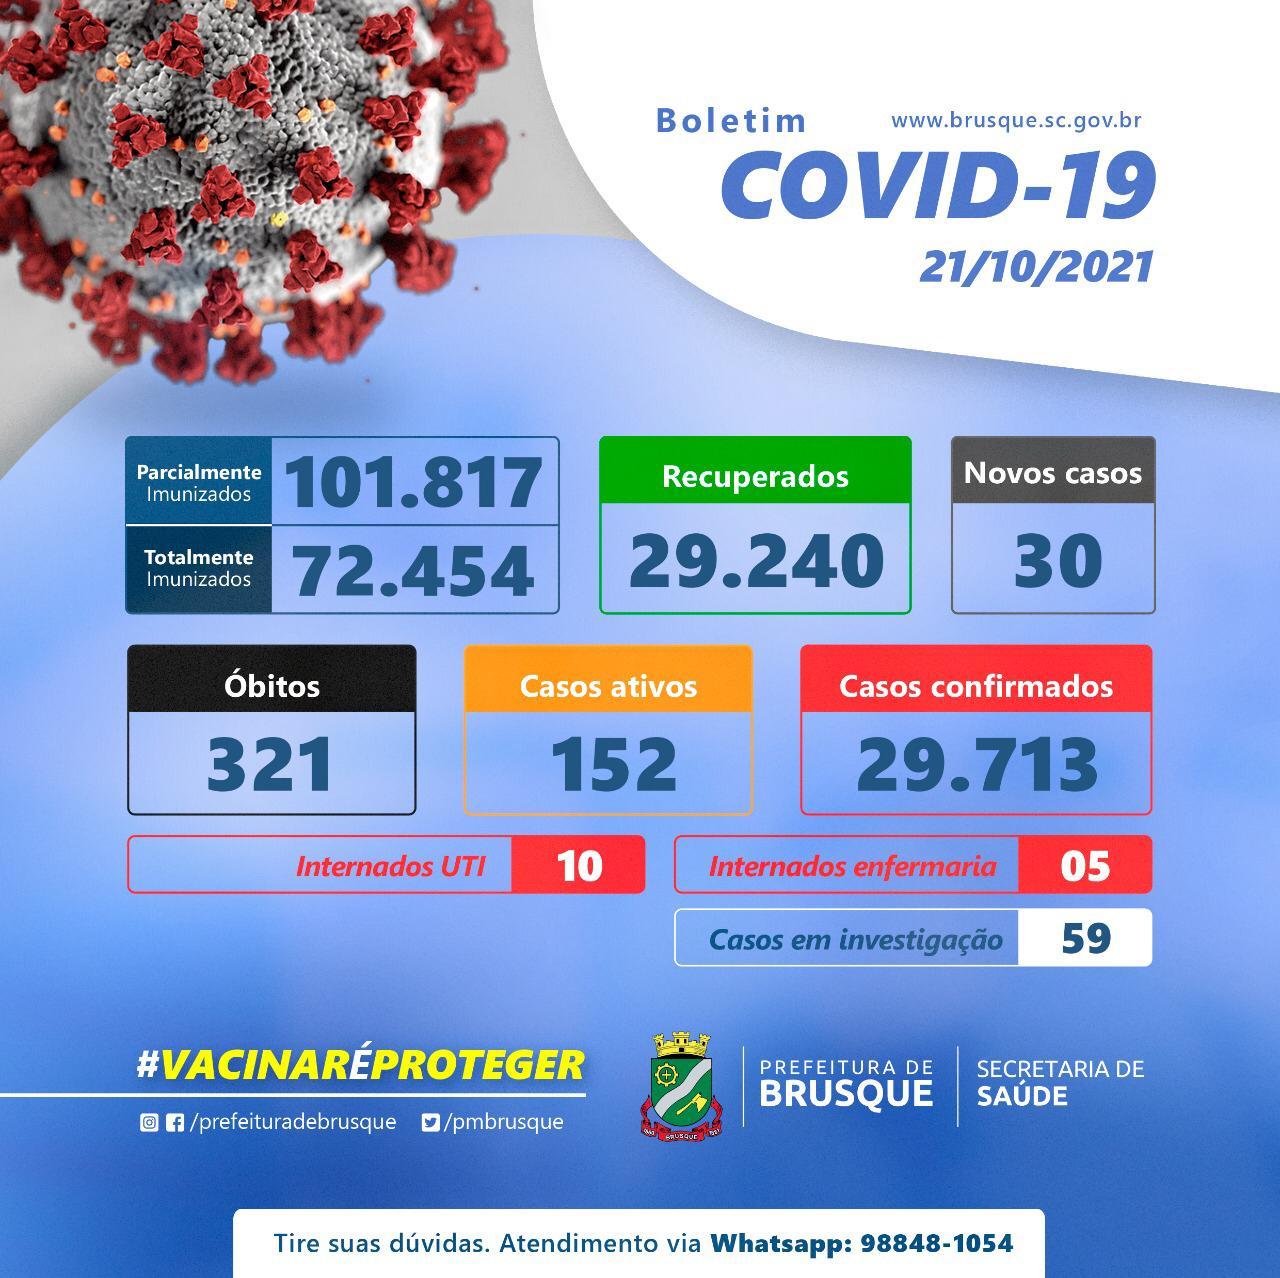 Covid-19: Atualizados os números da Covid-19 em Brusque